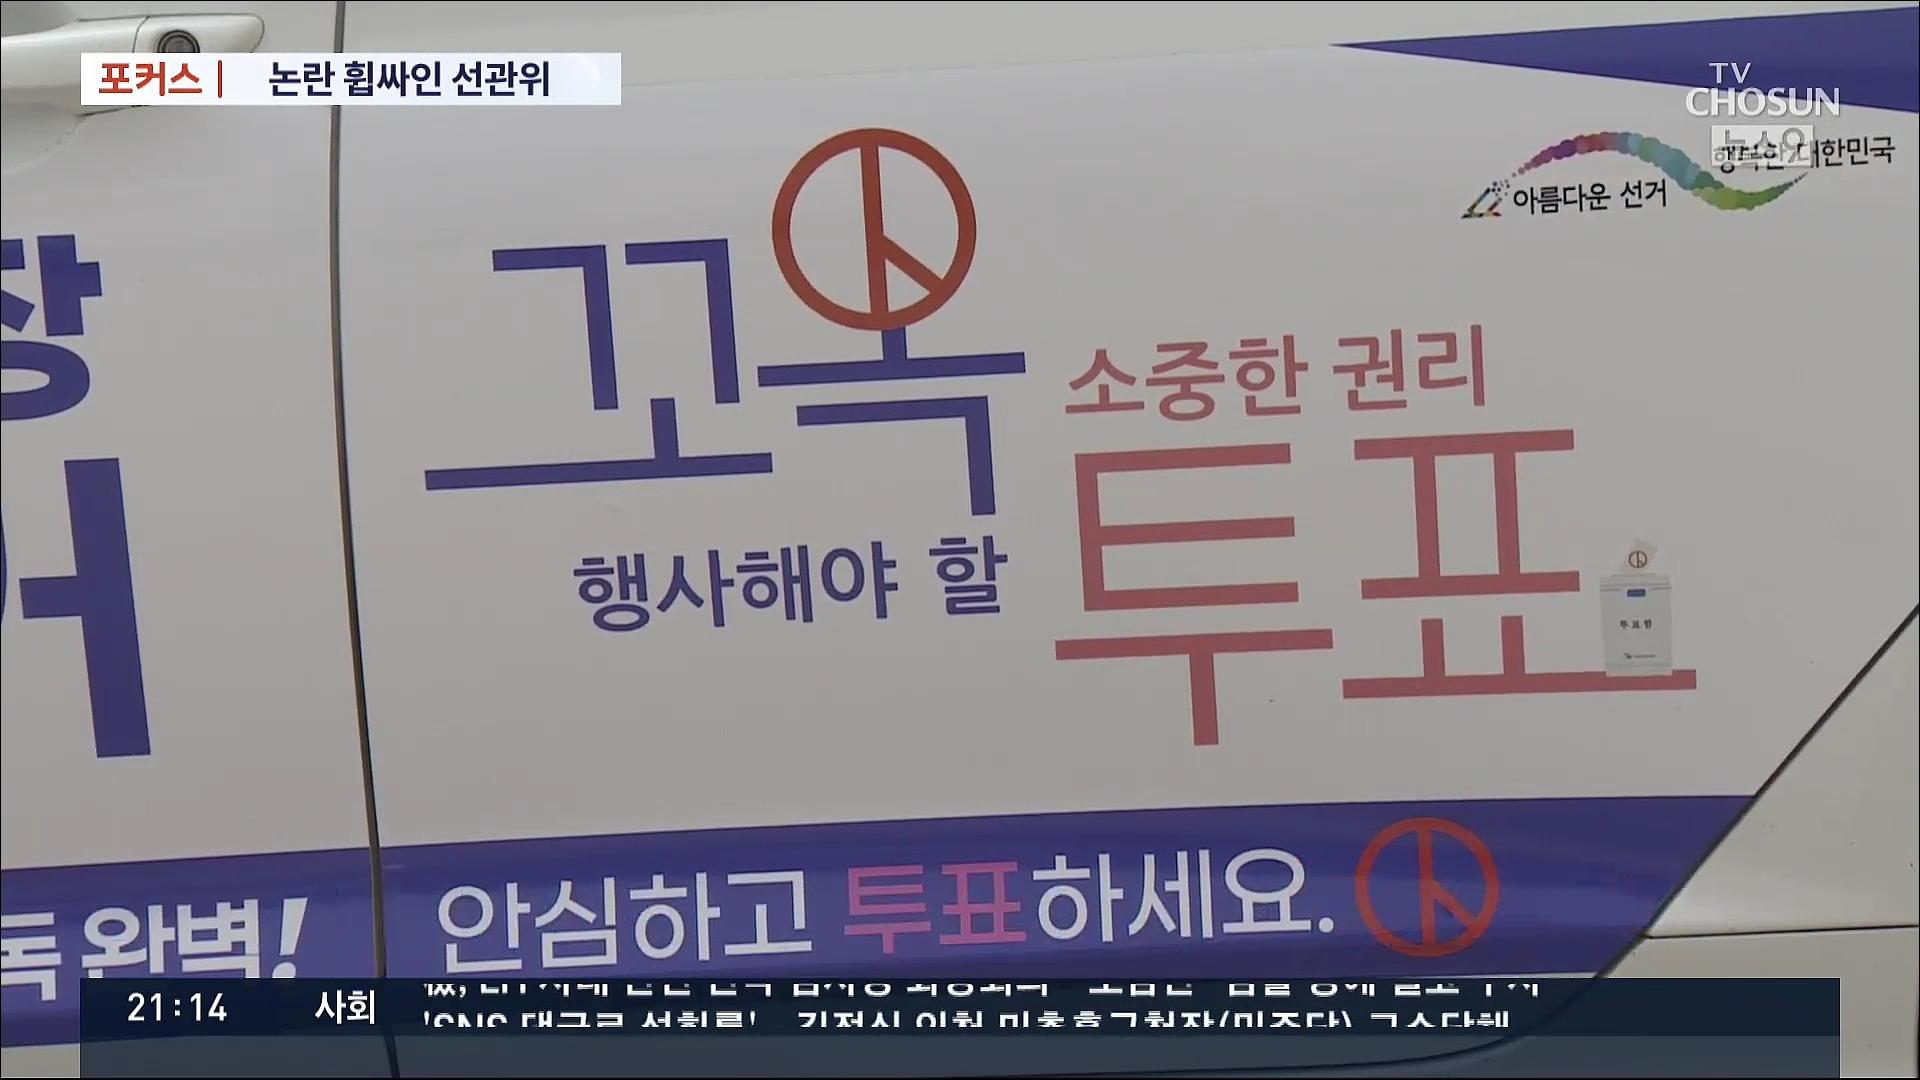 [포커스] '보궐선거 왜하죠?' 문구 불허…선관위 '편파 논란'